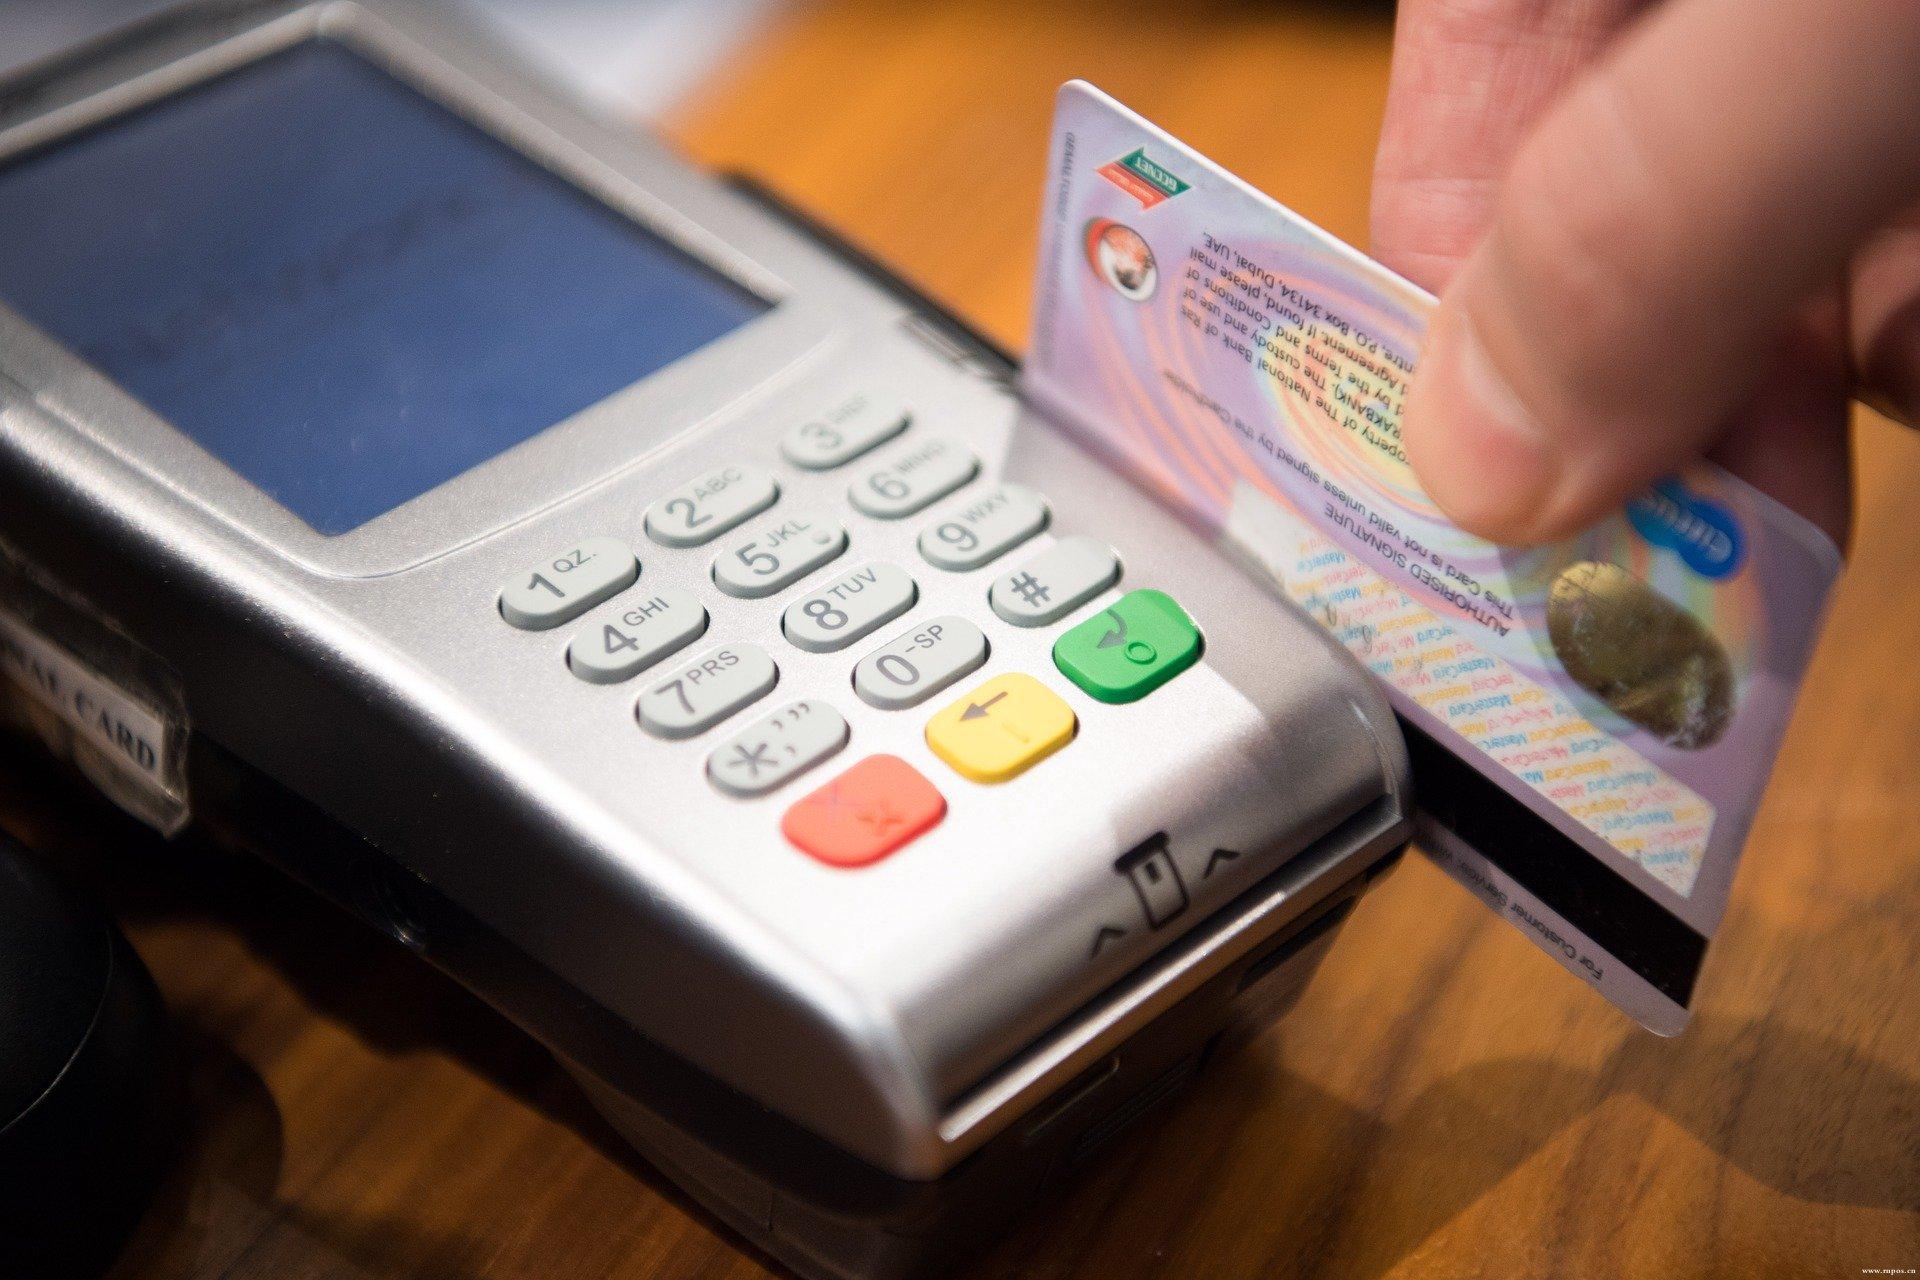 pos机刷卡禁忌目前到底有哪一些?